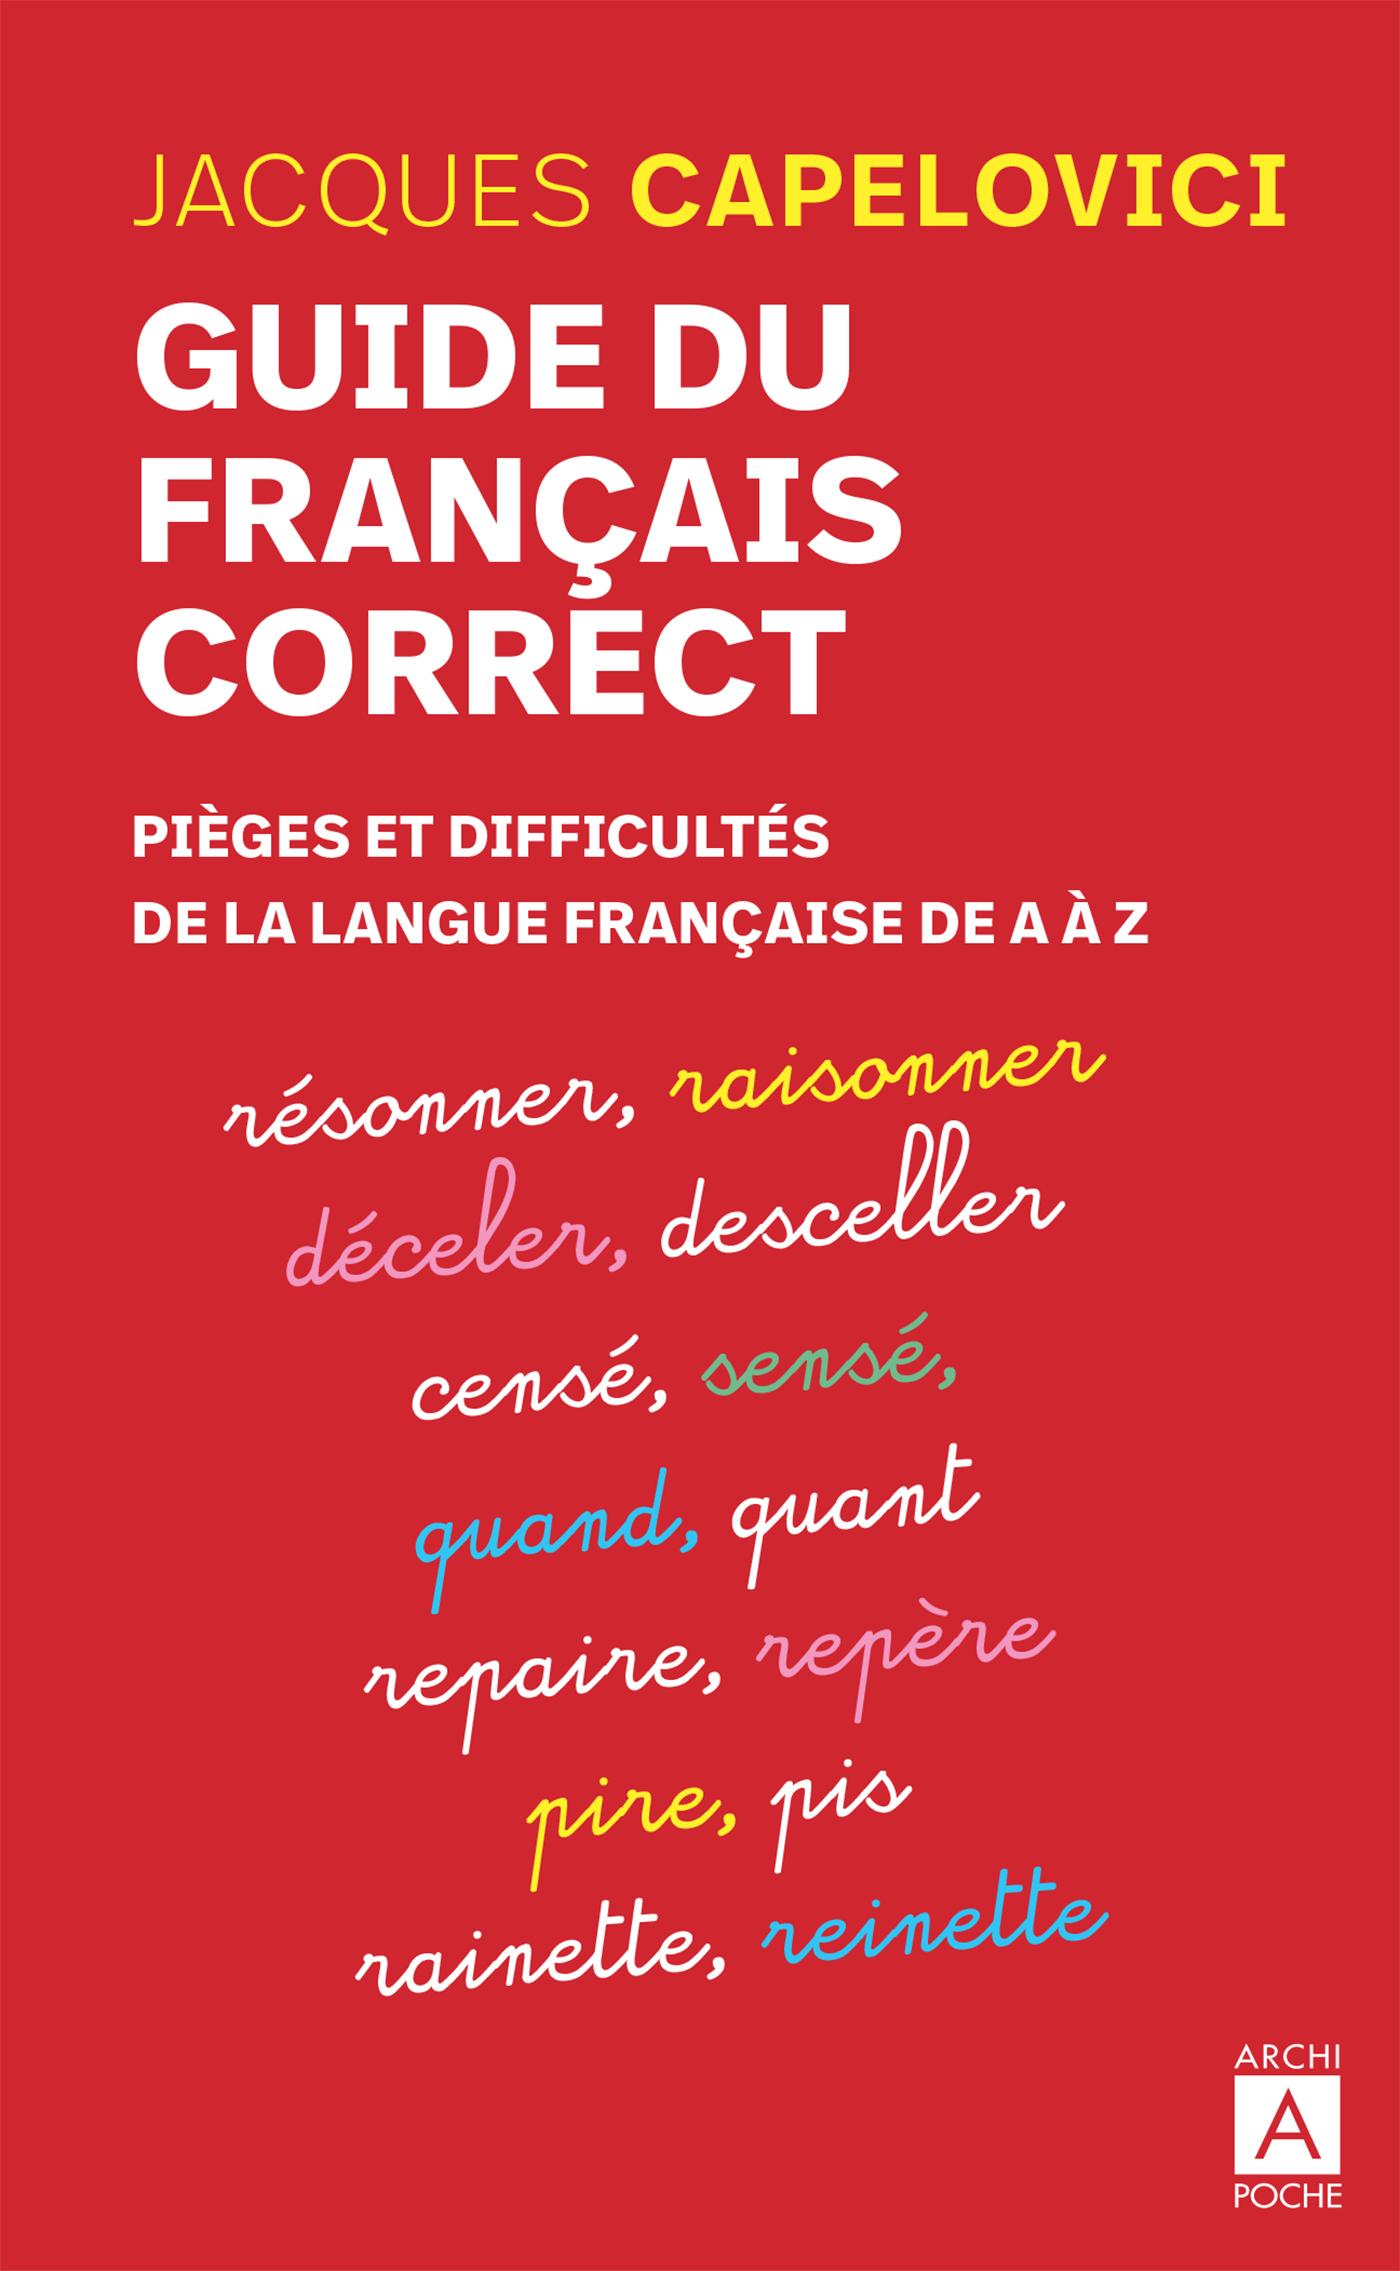 Guide du français correct - Pièges et difficultés de la langue française de A à Z